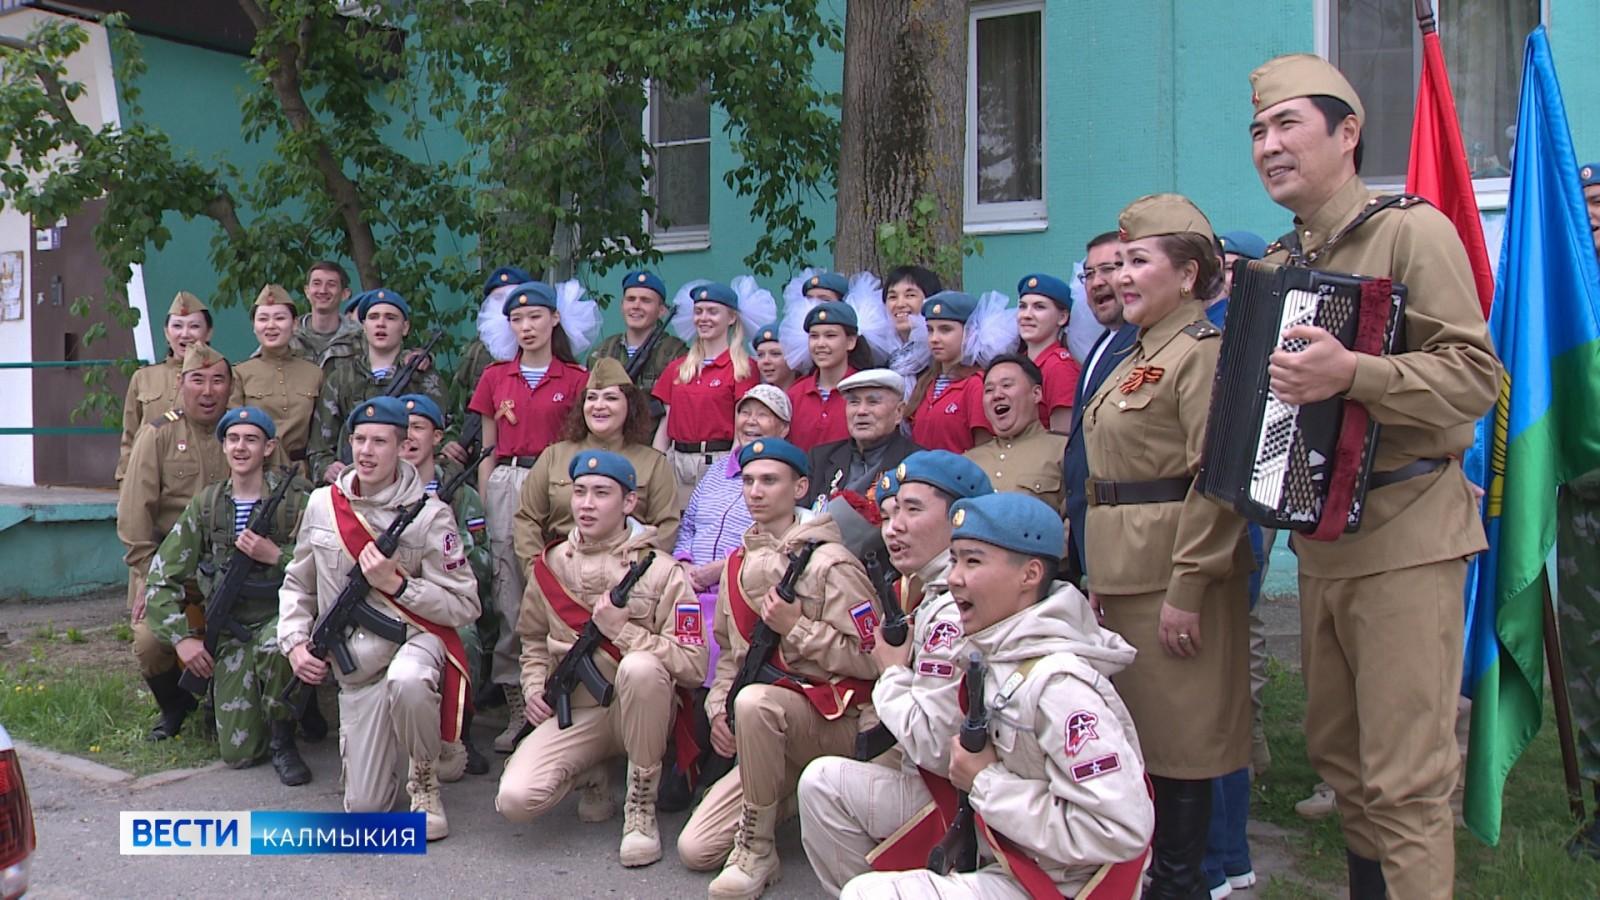 Национальный оркестр поздравил ветеранов с 9 мая!